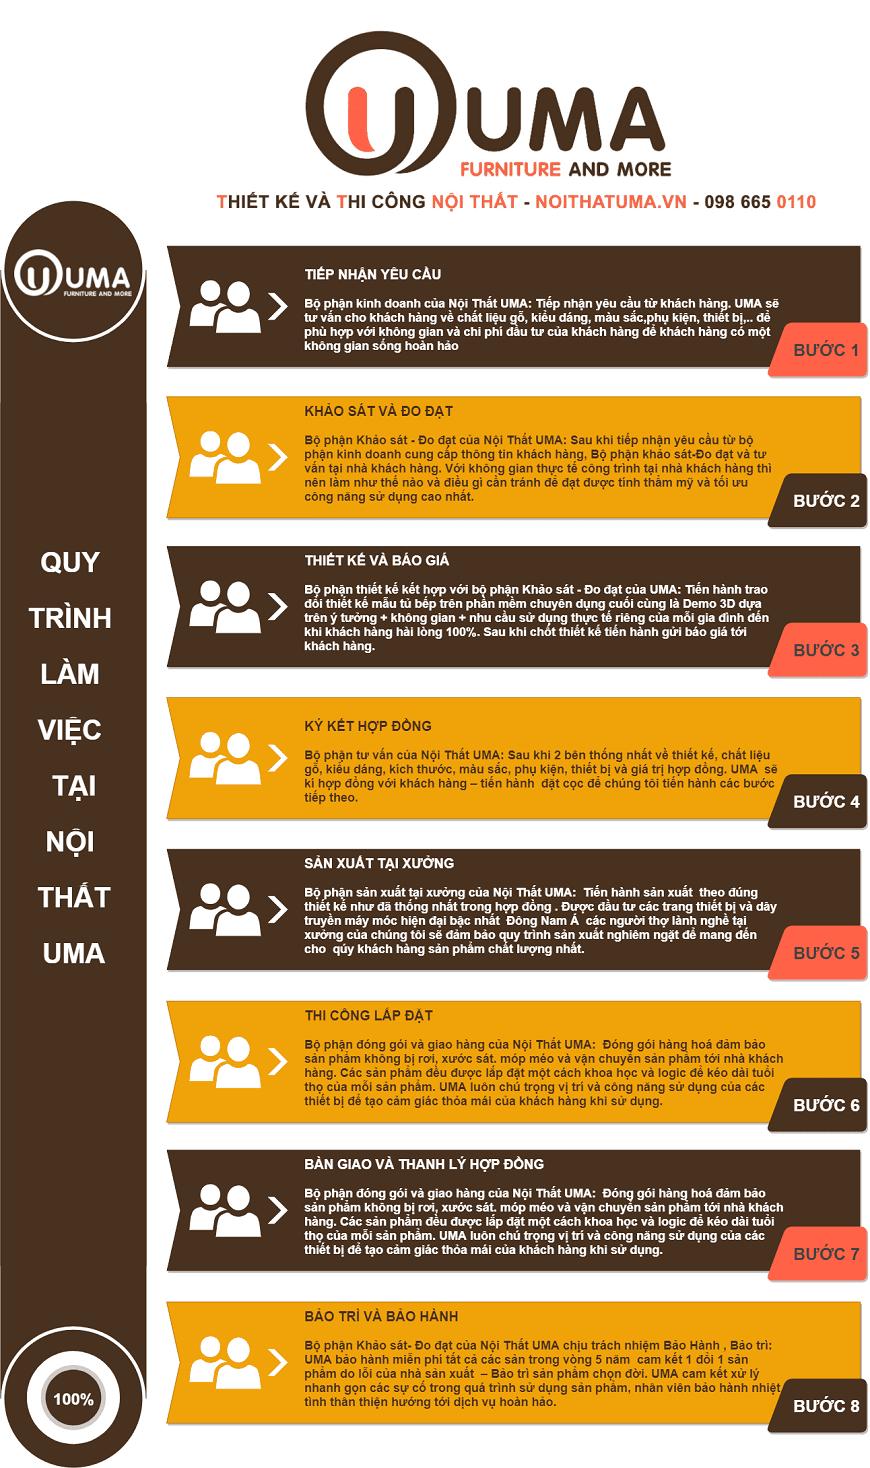 Quy trình làm việc 8 bước tại Nội Thất UMA